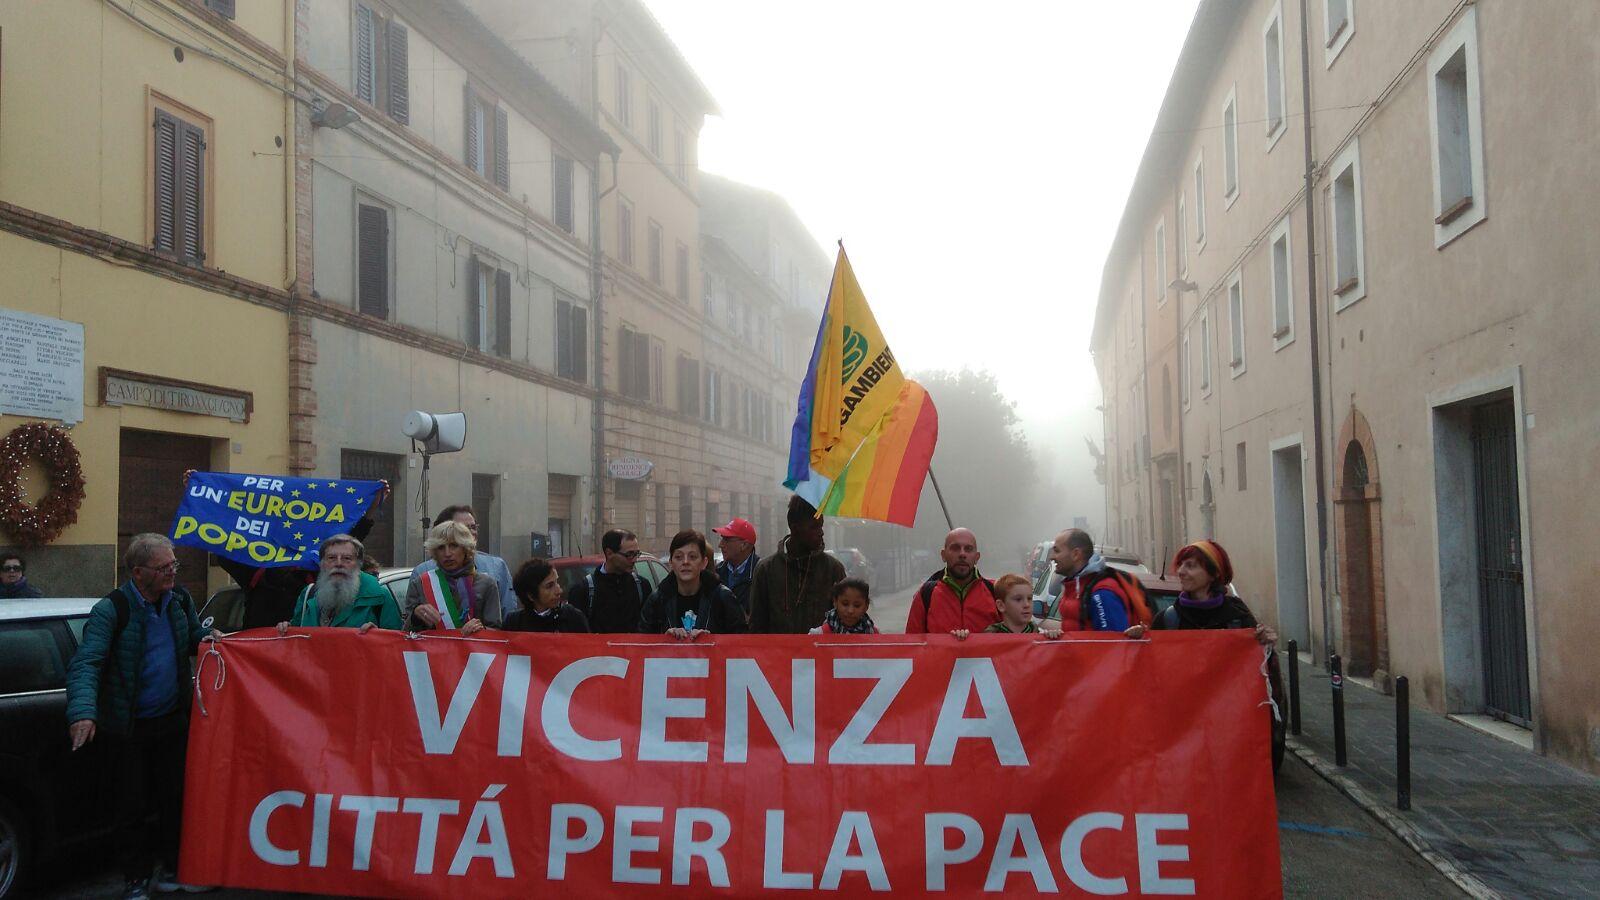 La Città di Vicenza inaugura a Palazzo Trissino il Forum per la Pace nel 25° anniversario della Casa per la Pace